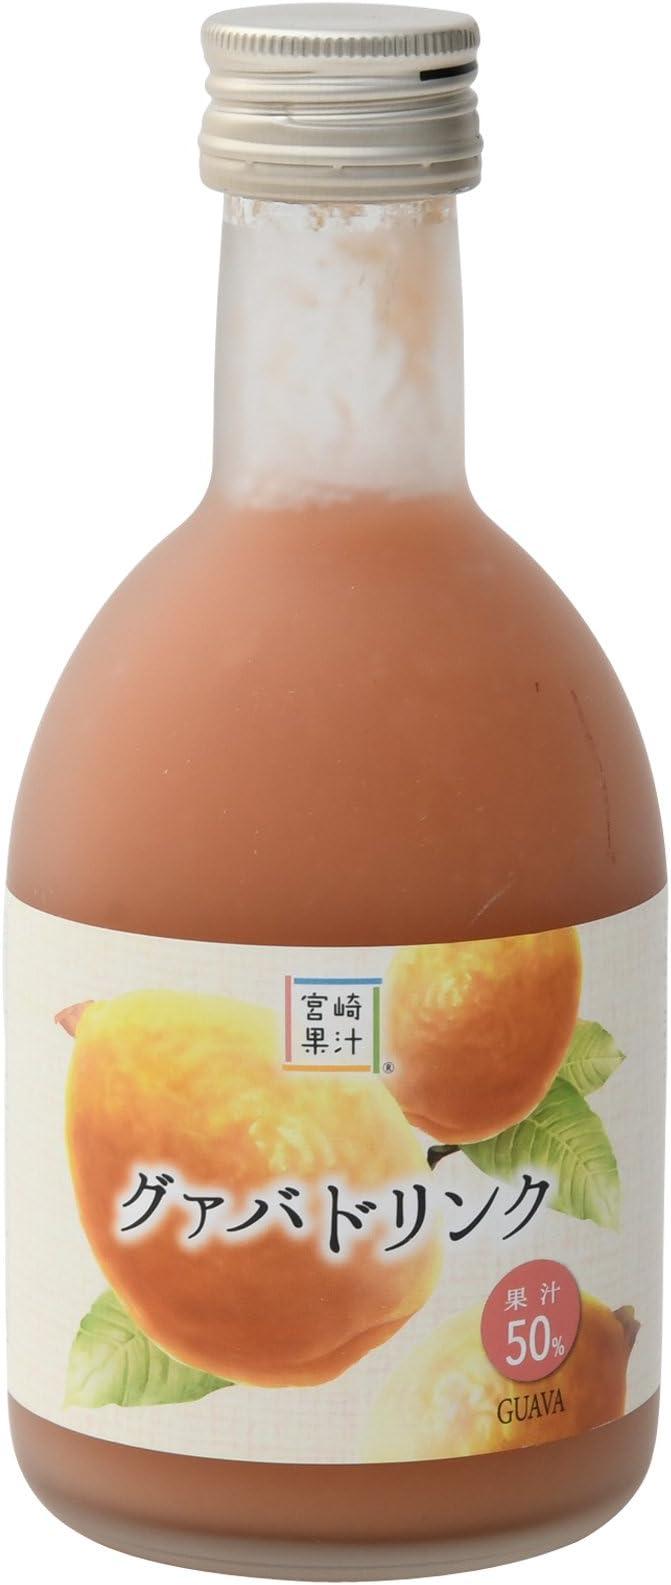 宮崎果汁 グァバドリンク 300ml